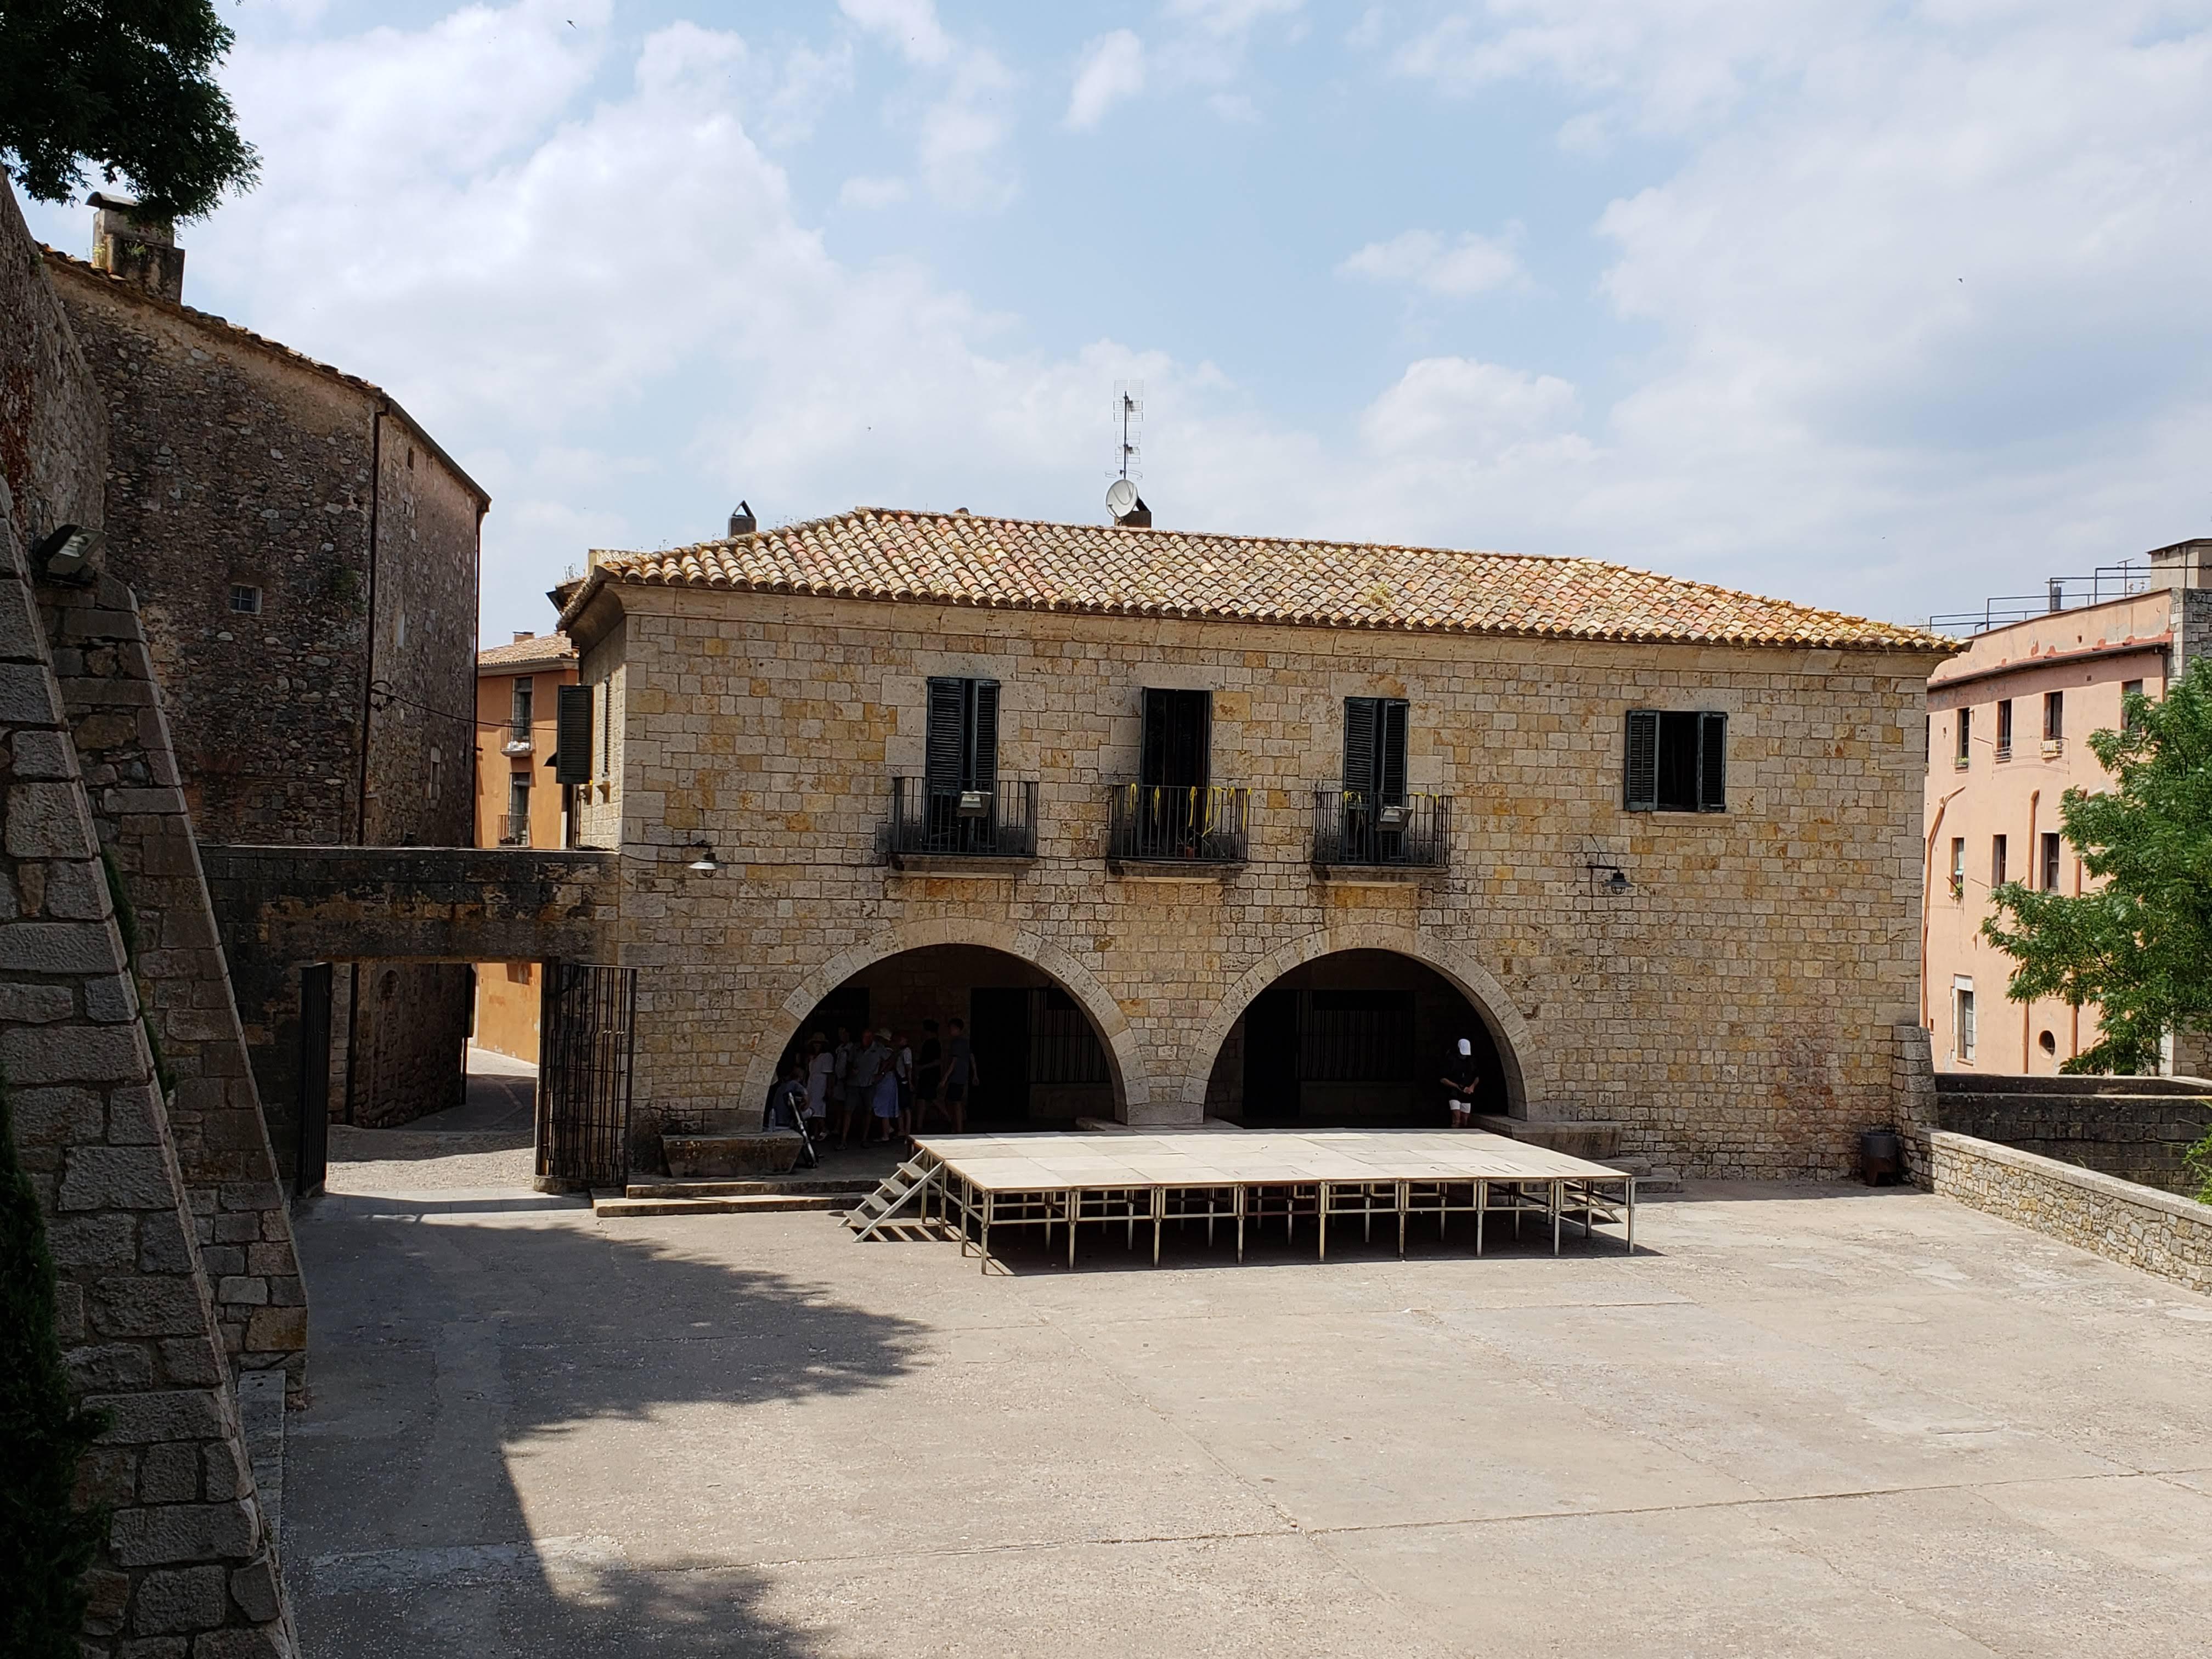 Placa dels Jurats, Girona, Spain